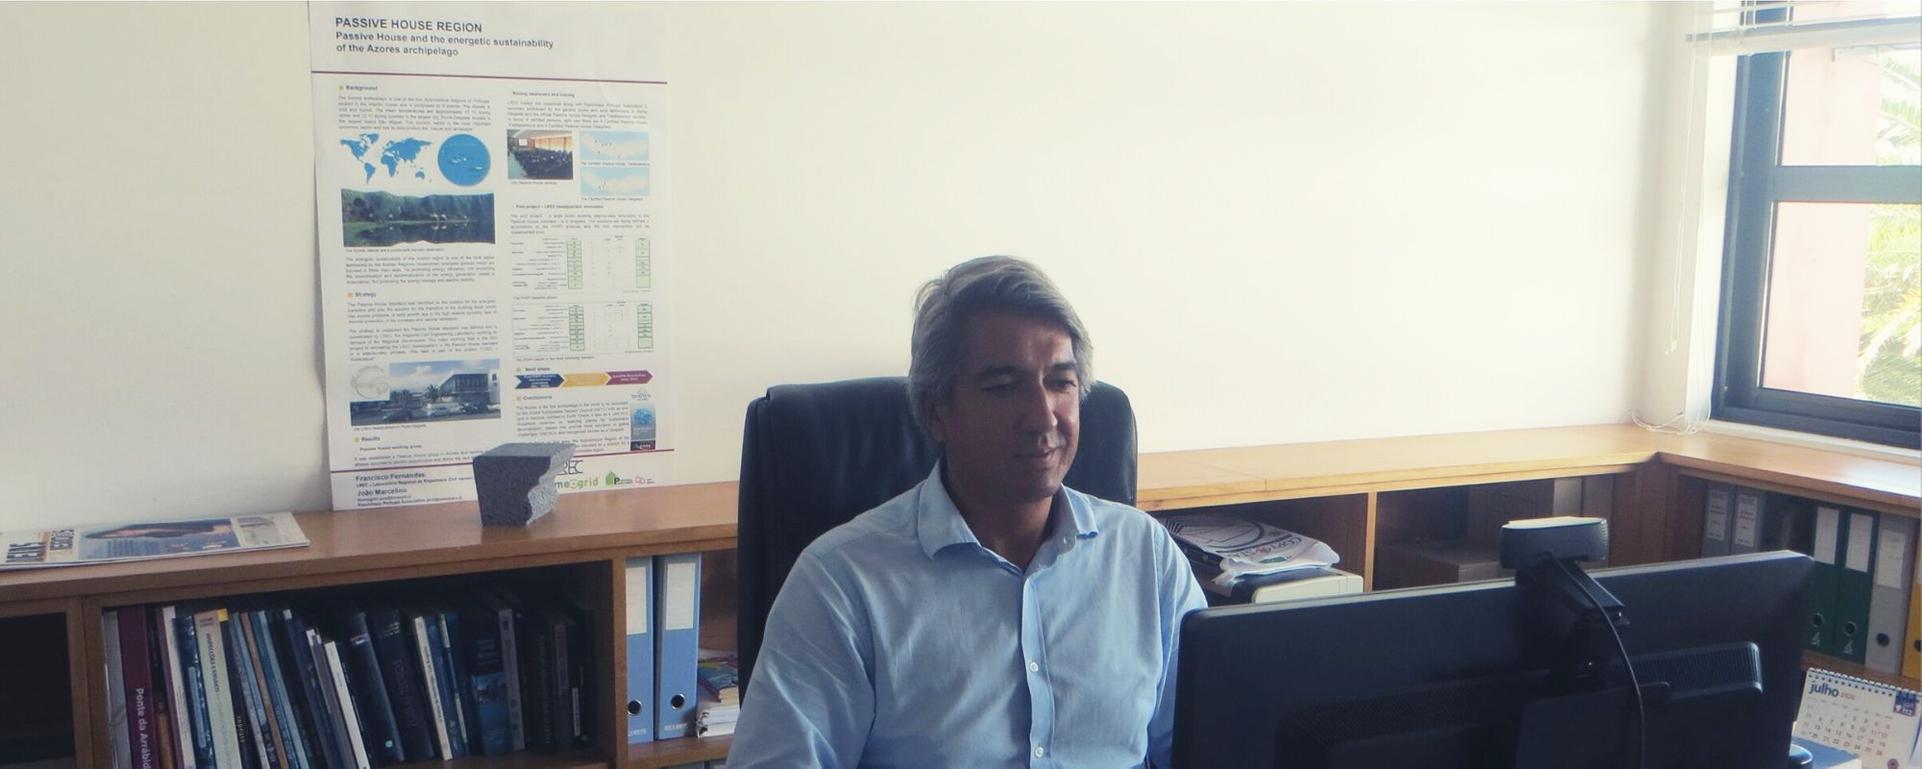 Governo dos Açores esteve representado na Conferência Internacional Passive House